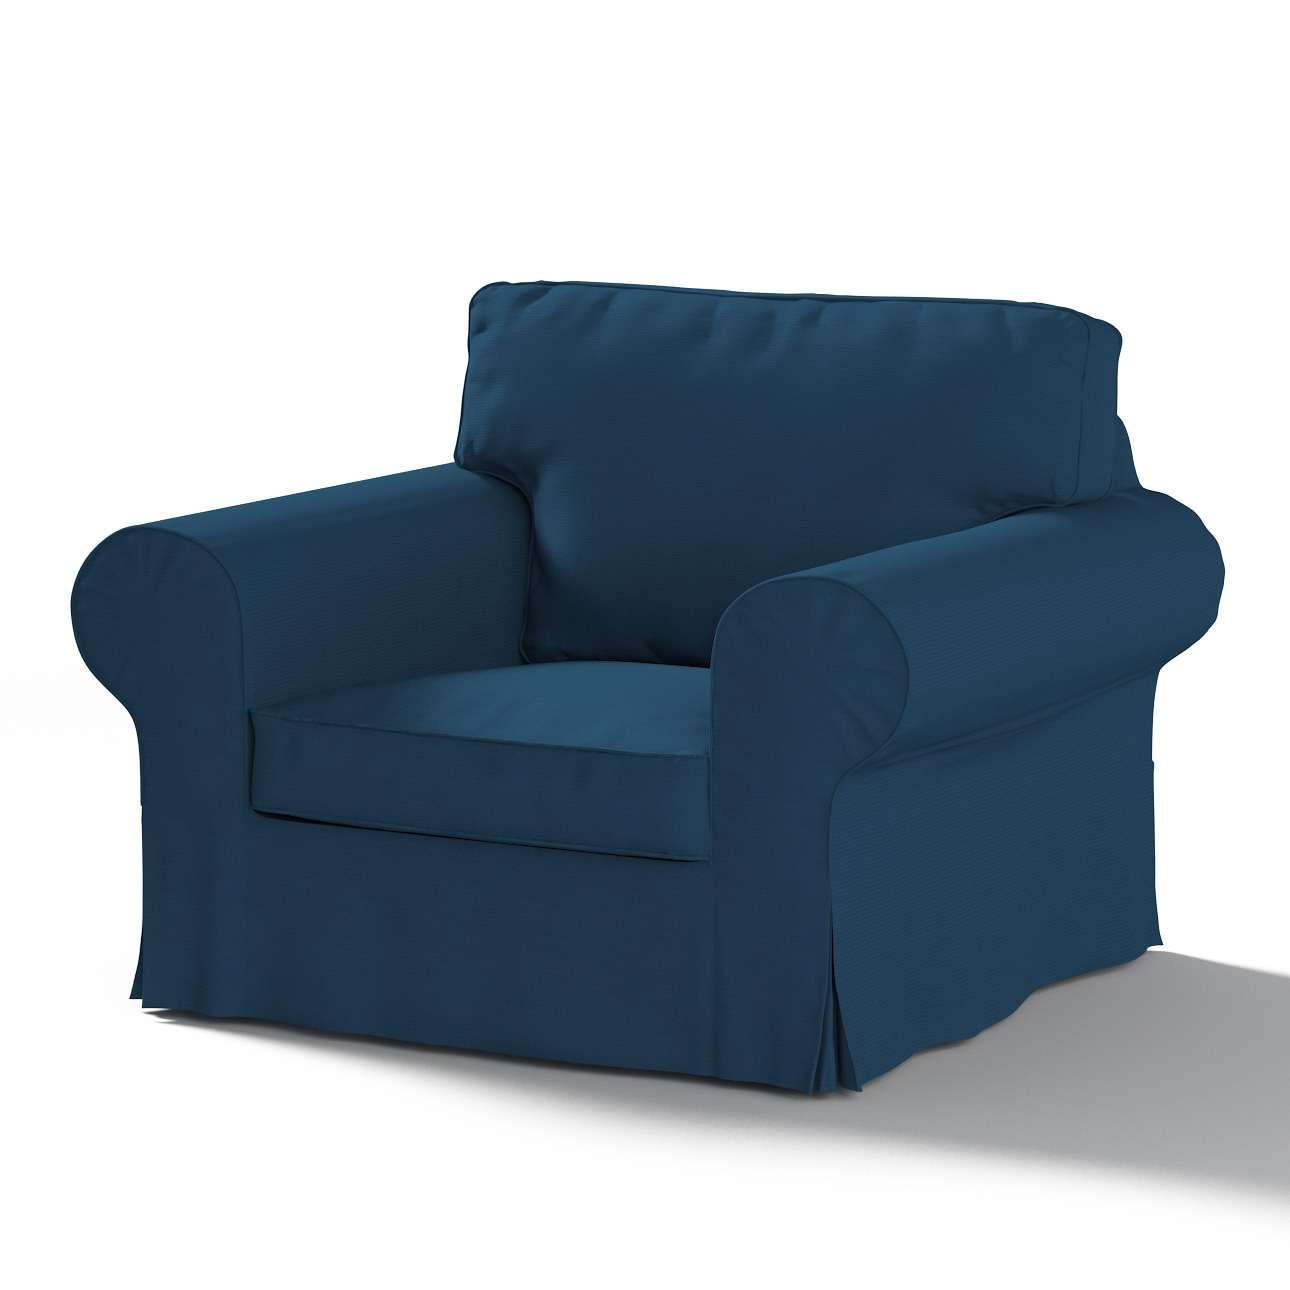 EKTORP fotelio užvalkalas Ektorp fotelio užvalkalas kolekcijoje Cotton Panama, audinys: 702-30